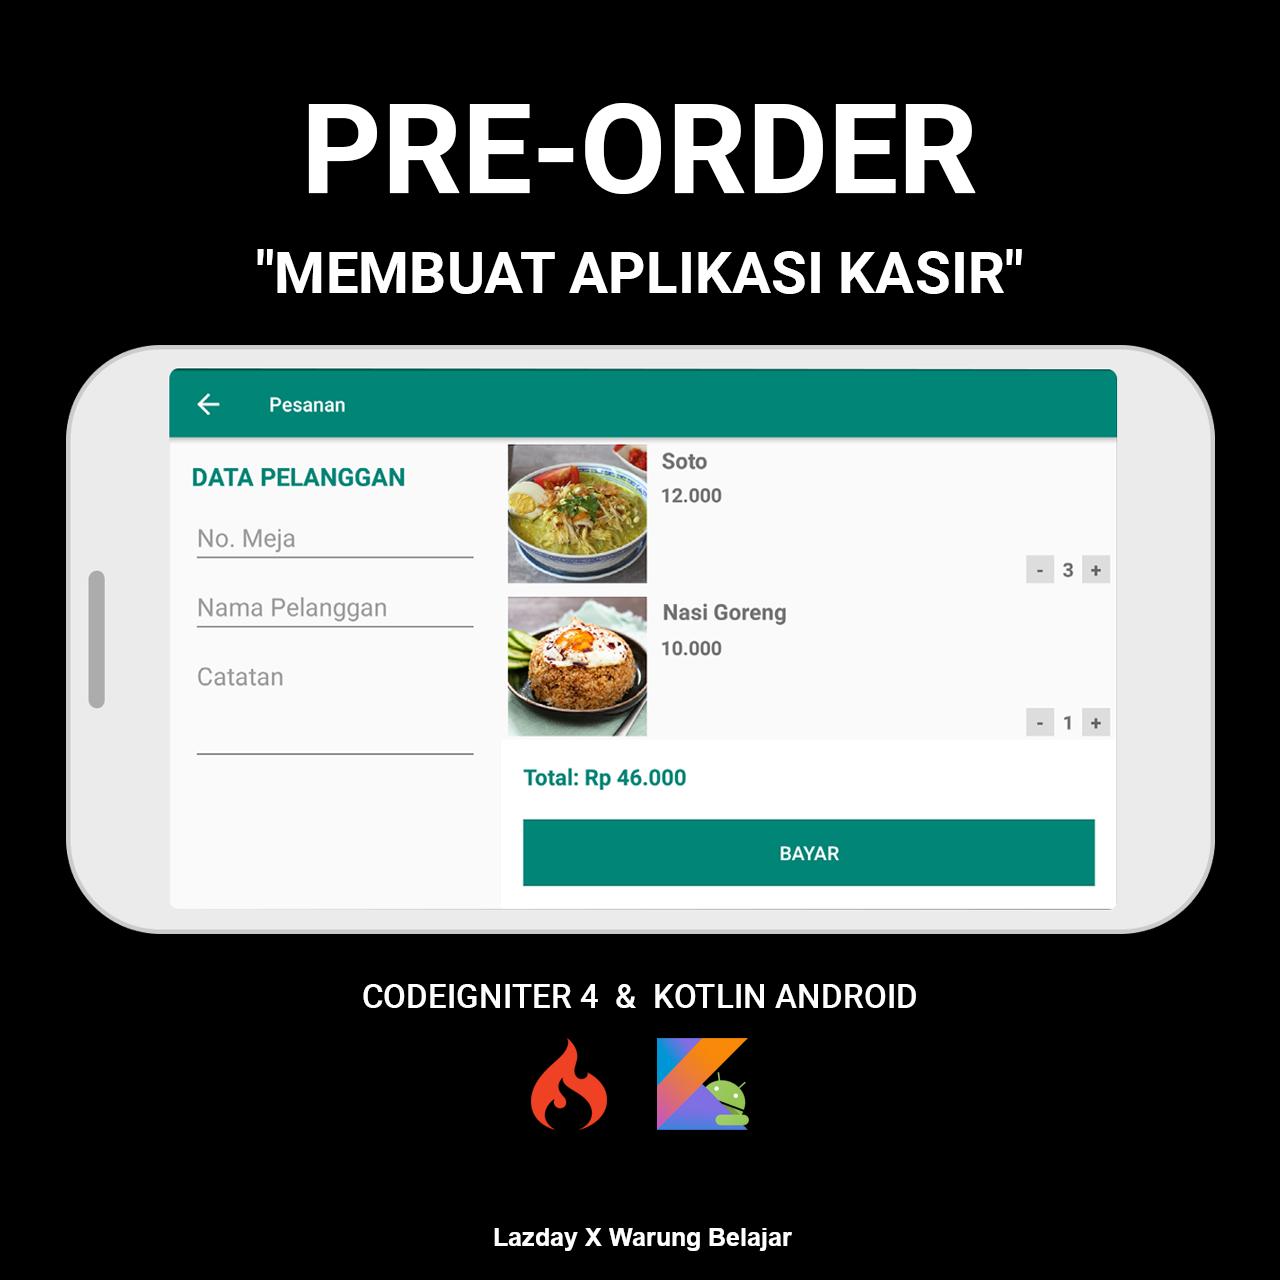 Pre-Order Membuat Aplikasi Kasir dengan Codeigniter 4 dan Kotlin Android